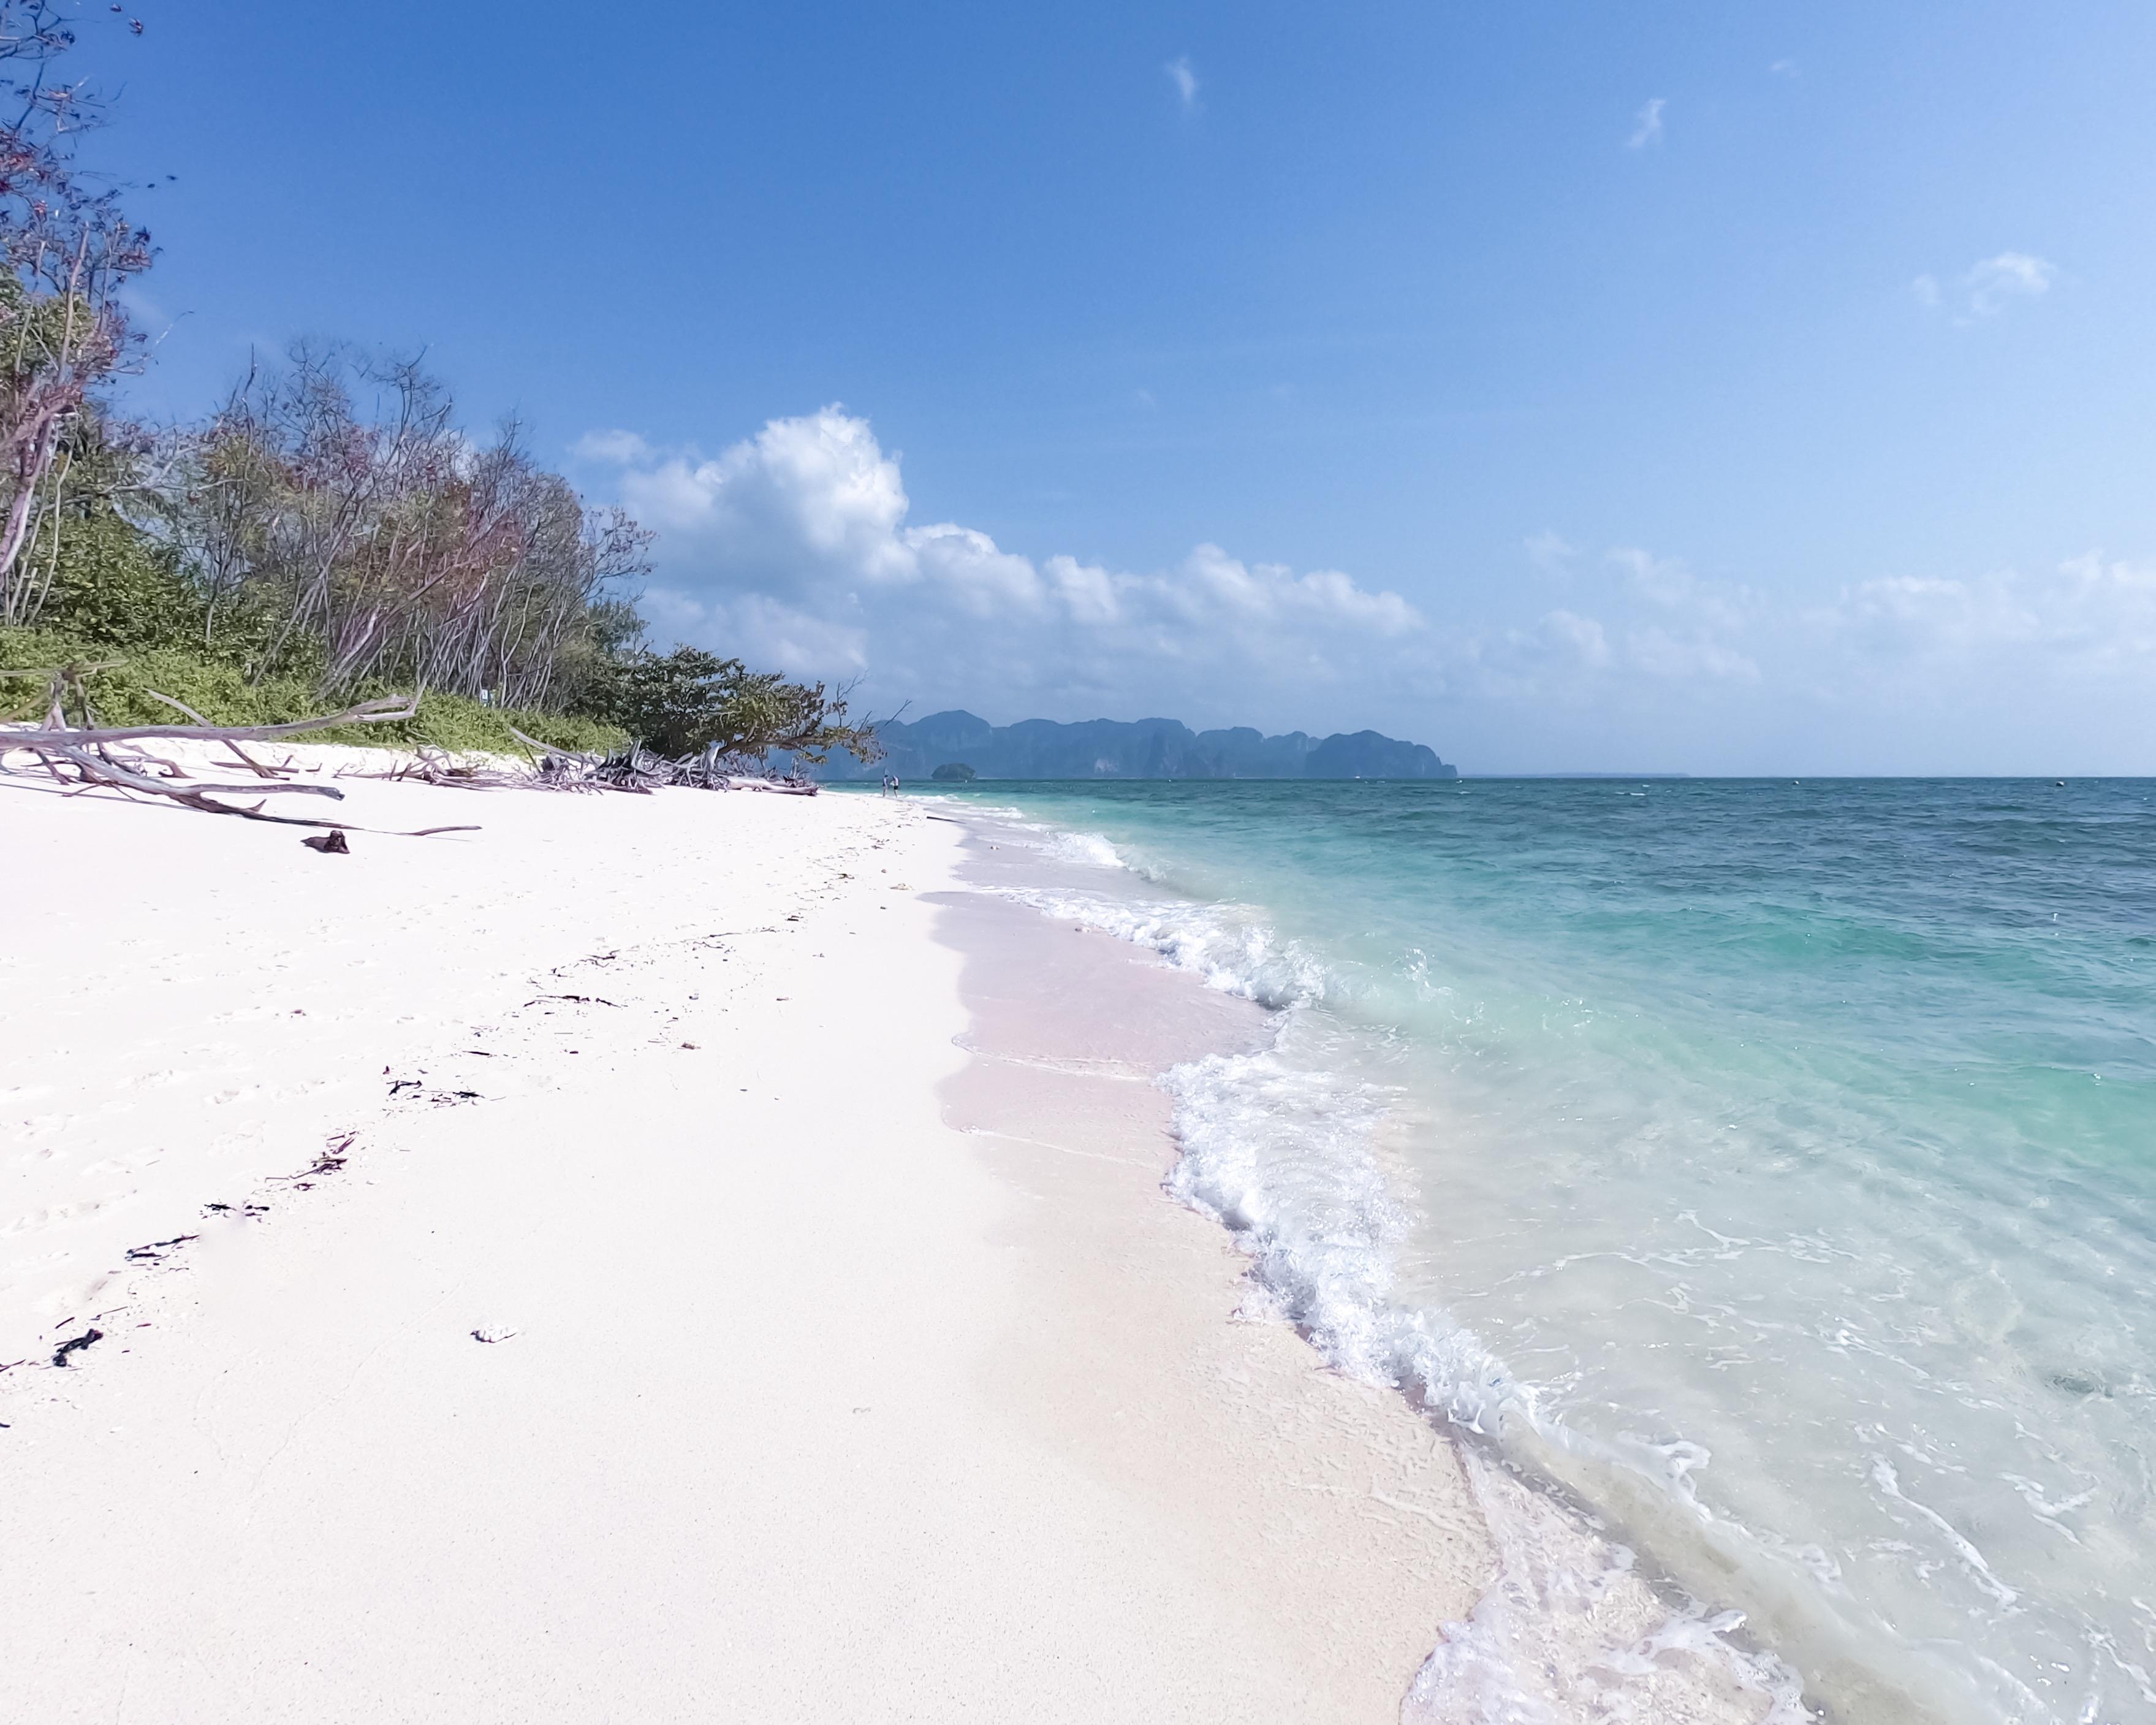 Thaïlande #12 Island vibes